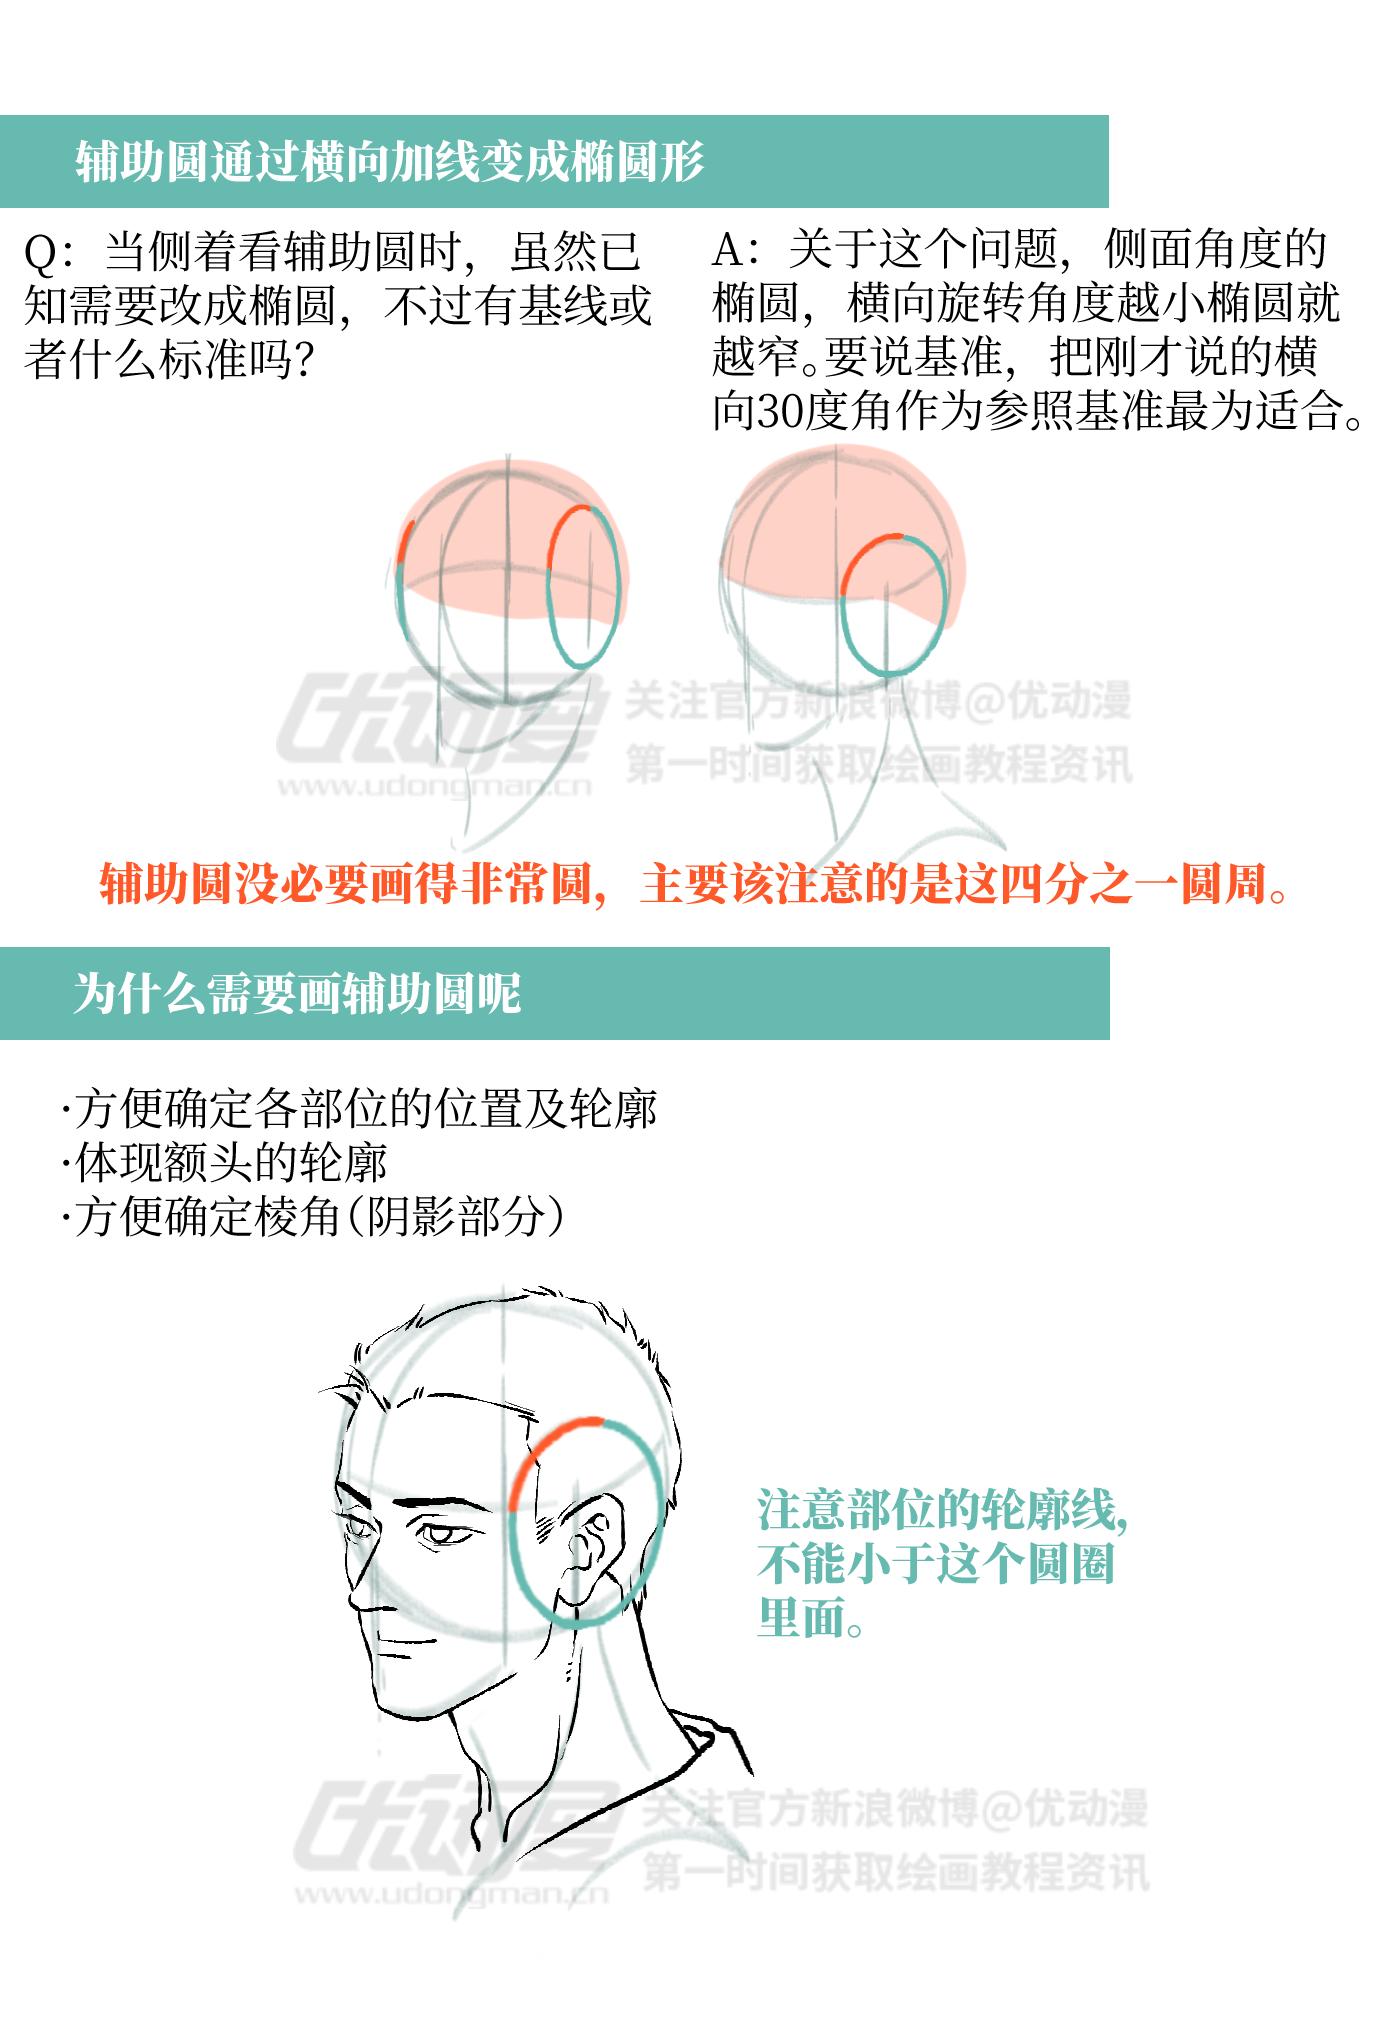 脸部绘制qa3.png